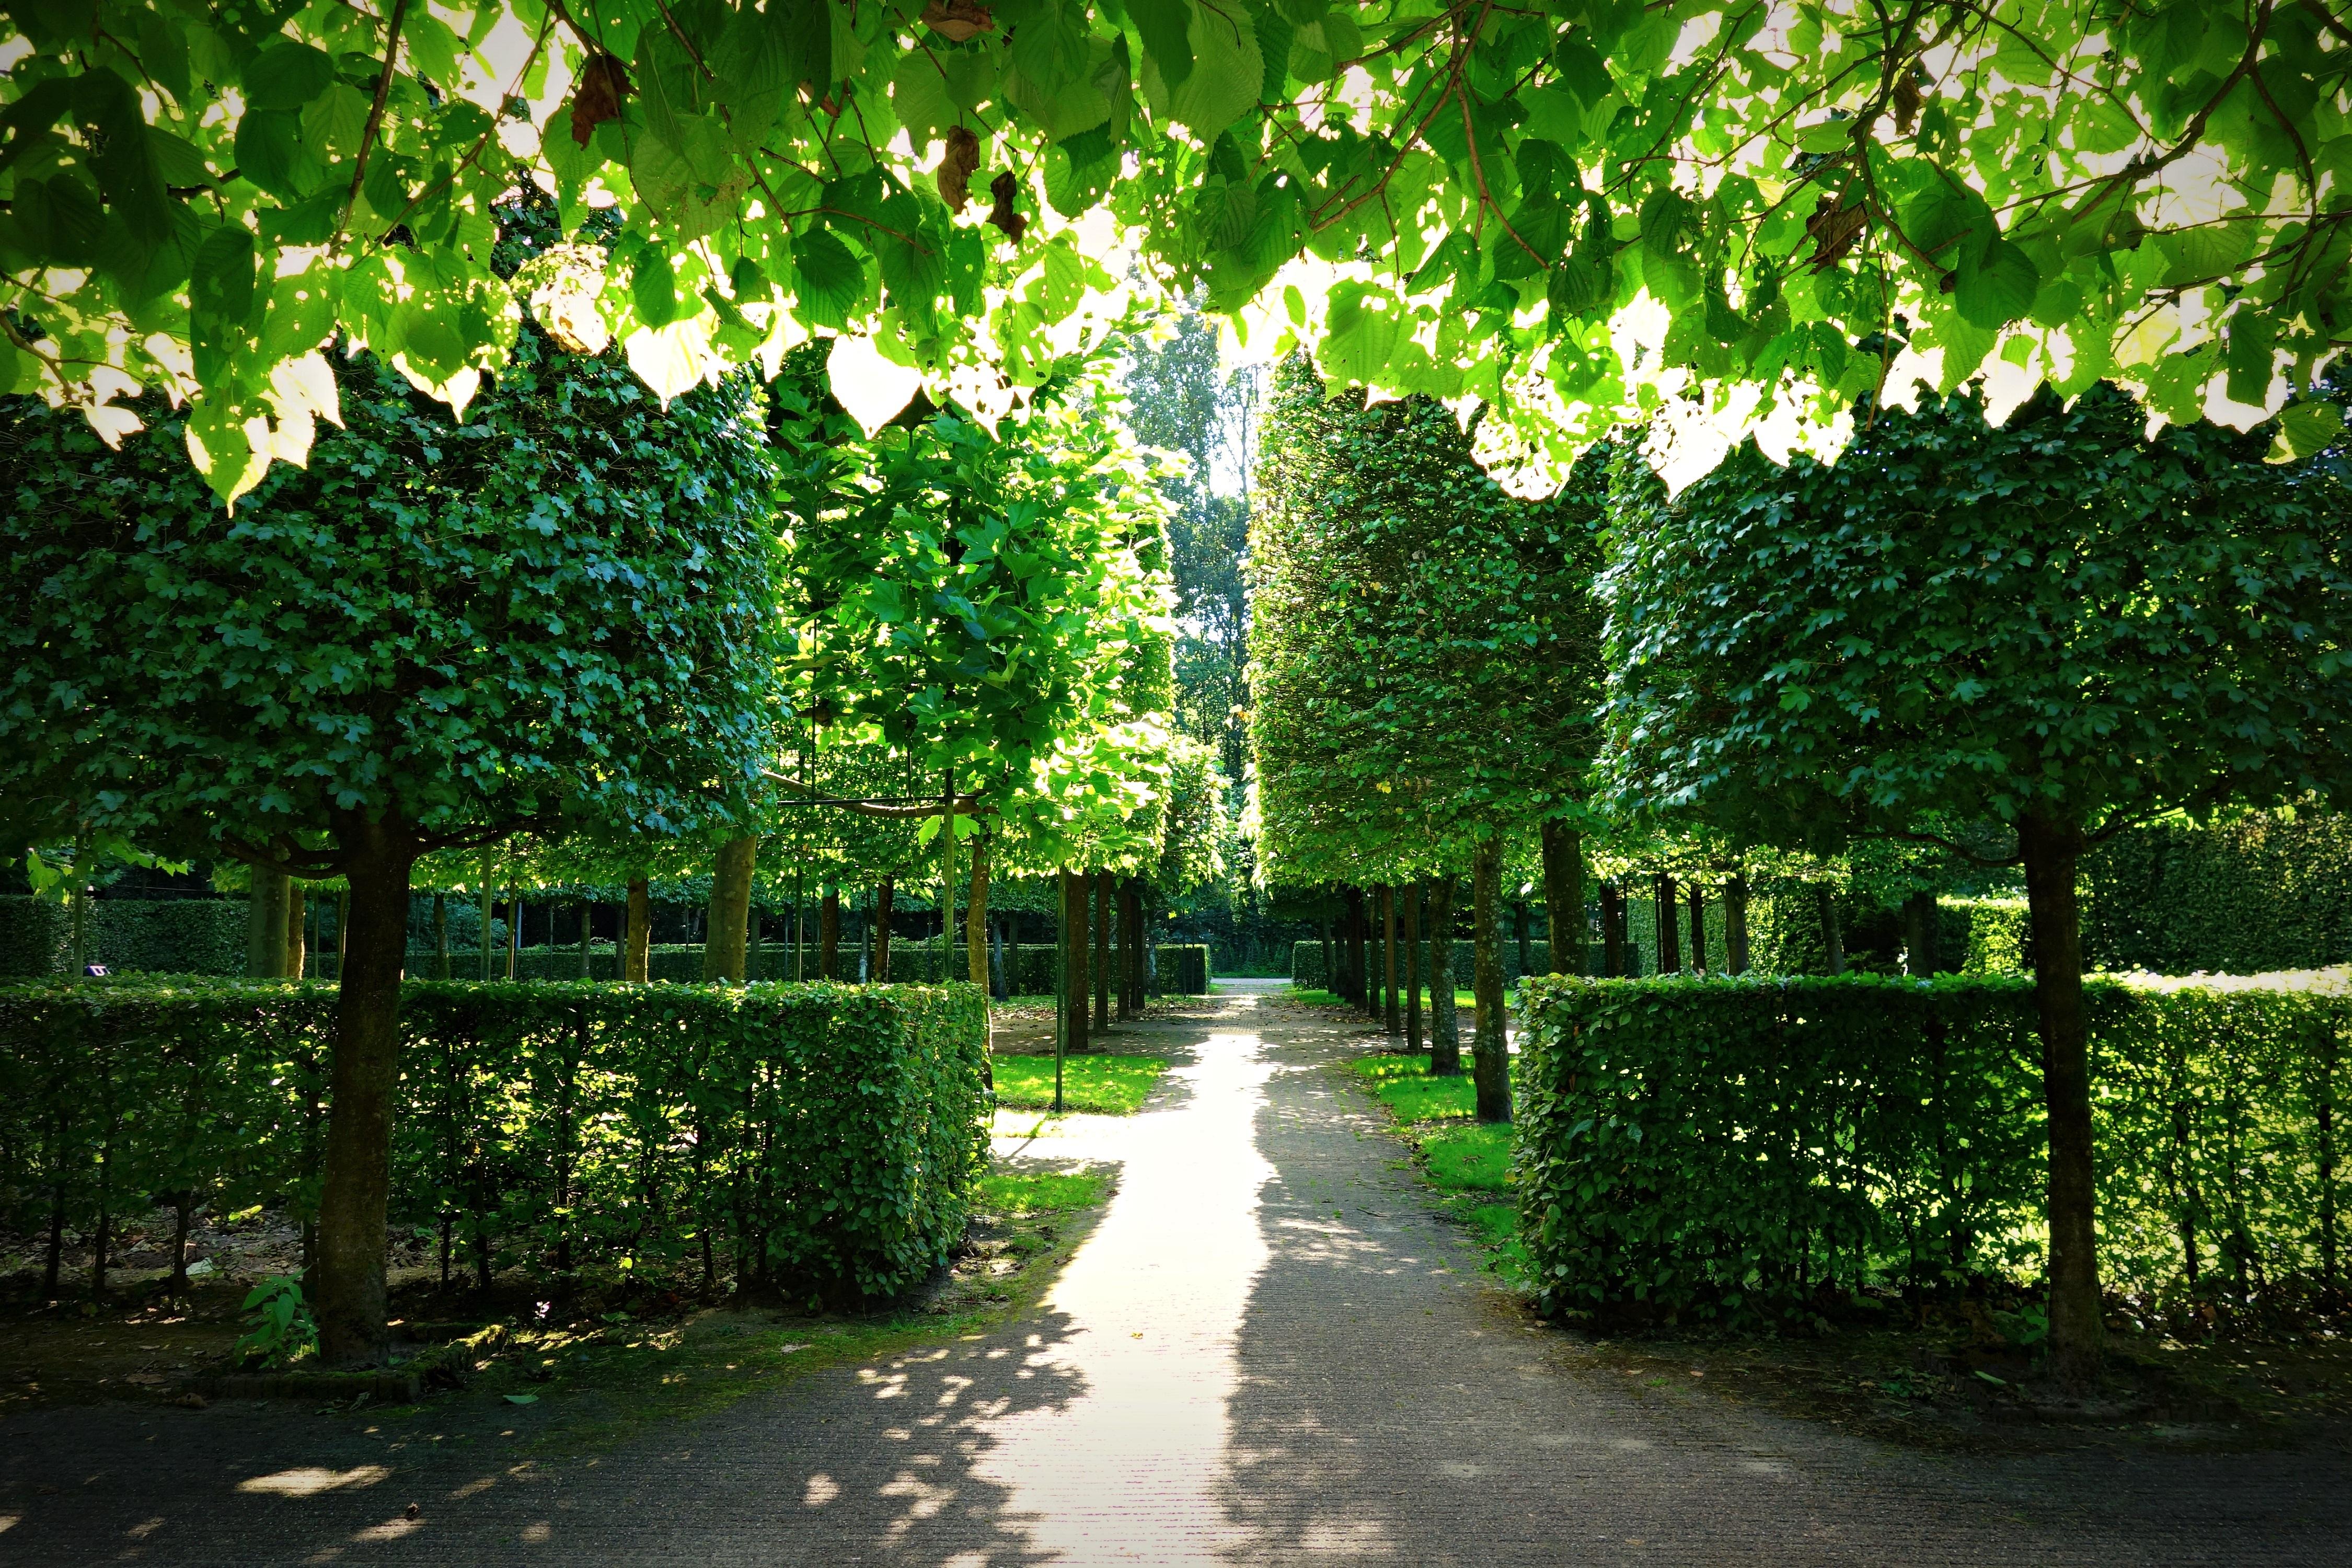 Fotos gratis : árbol, bosque, planta, luz de sol, hoja, flor, verde ...